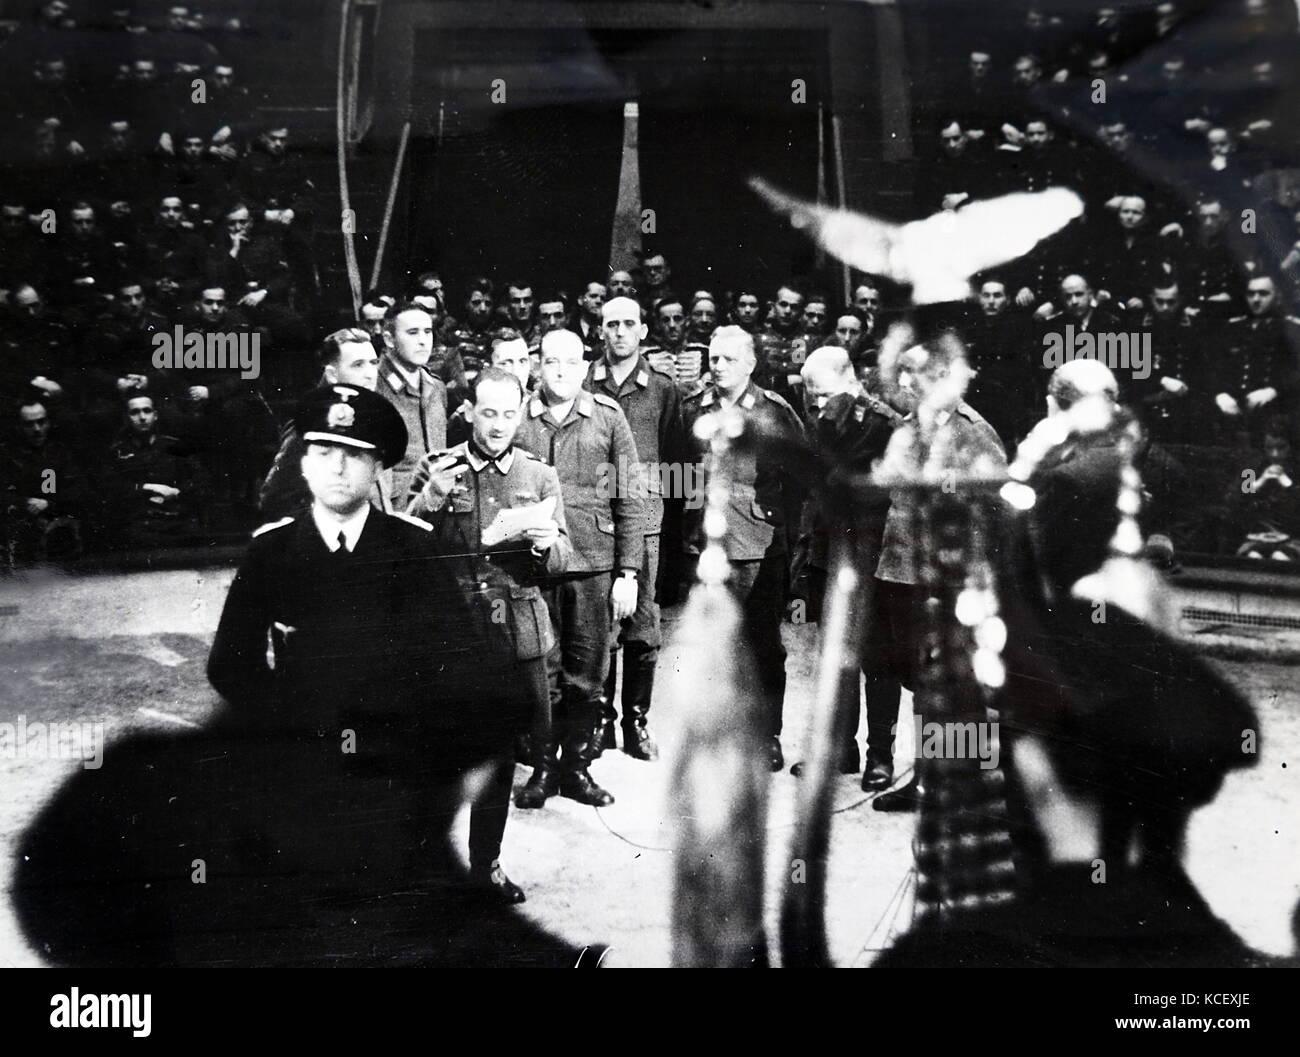 Foto von NS-Soldaten singen zu Beginn der Zirkus in Paris